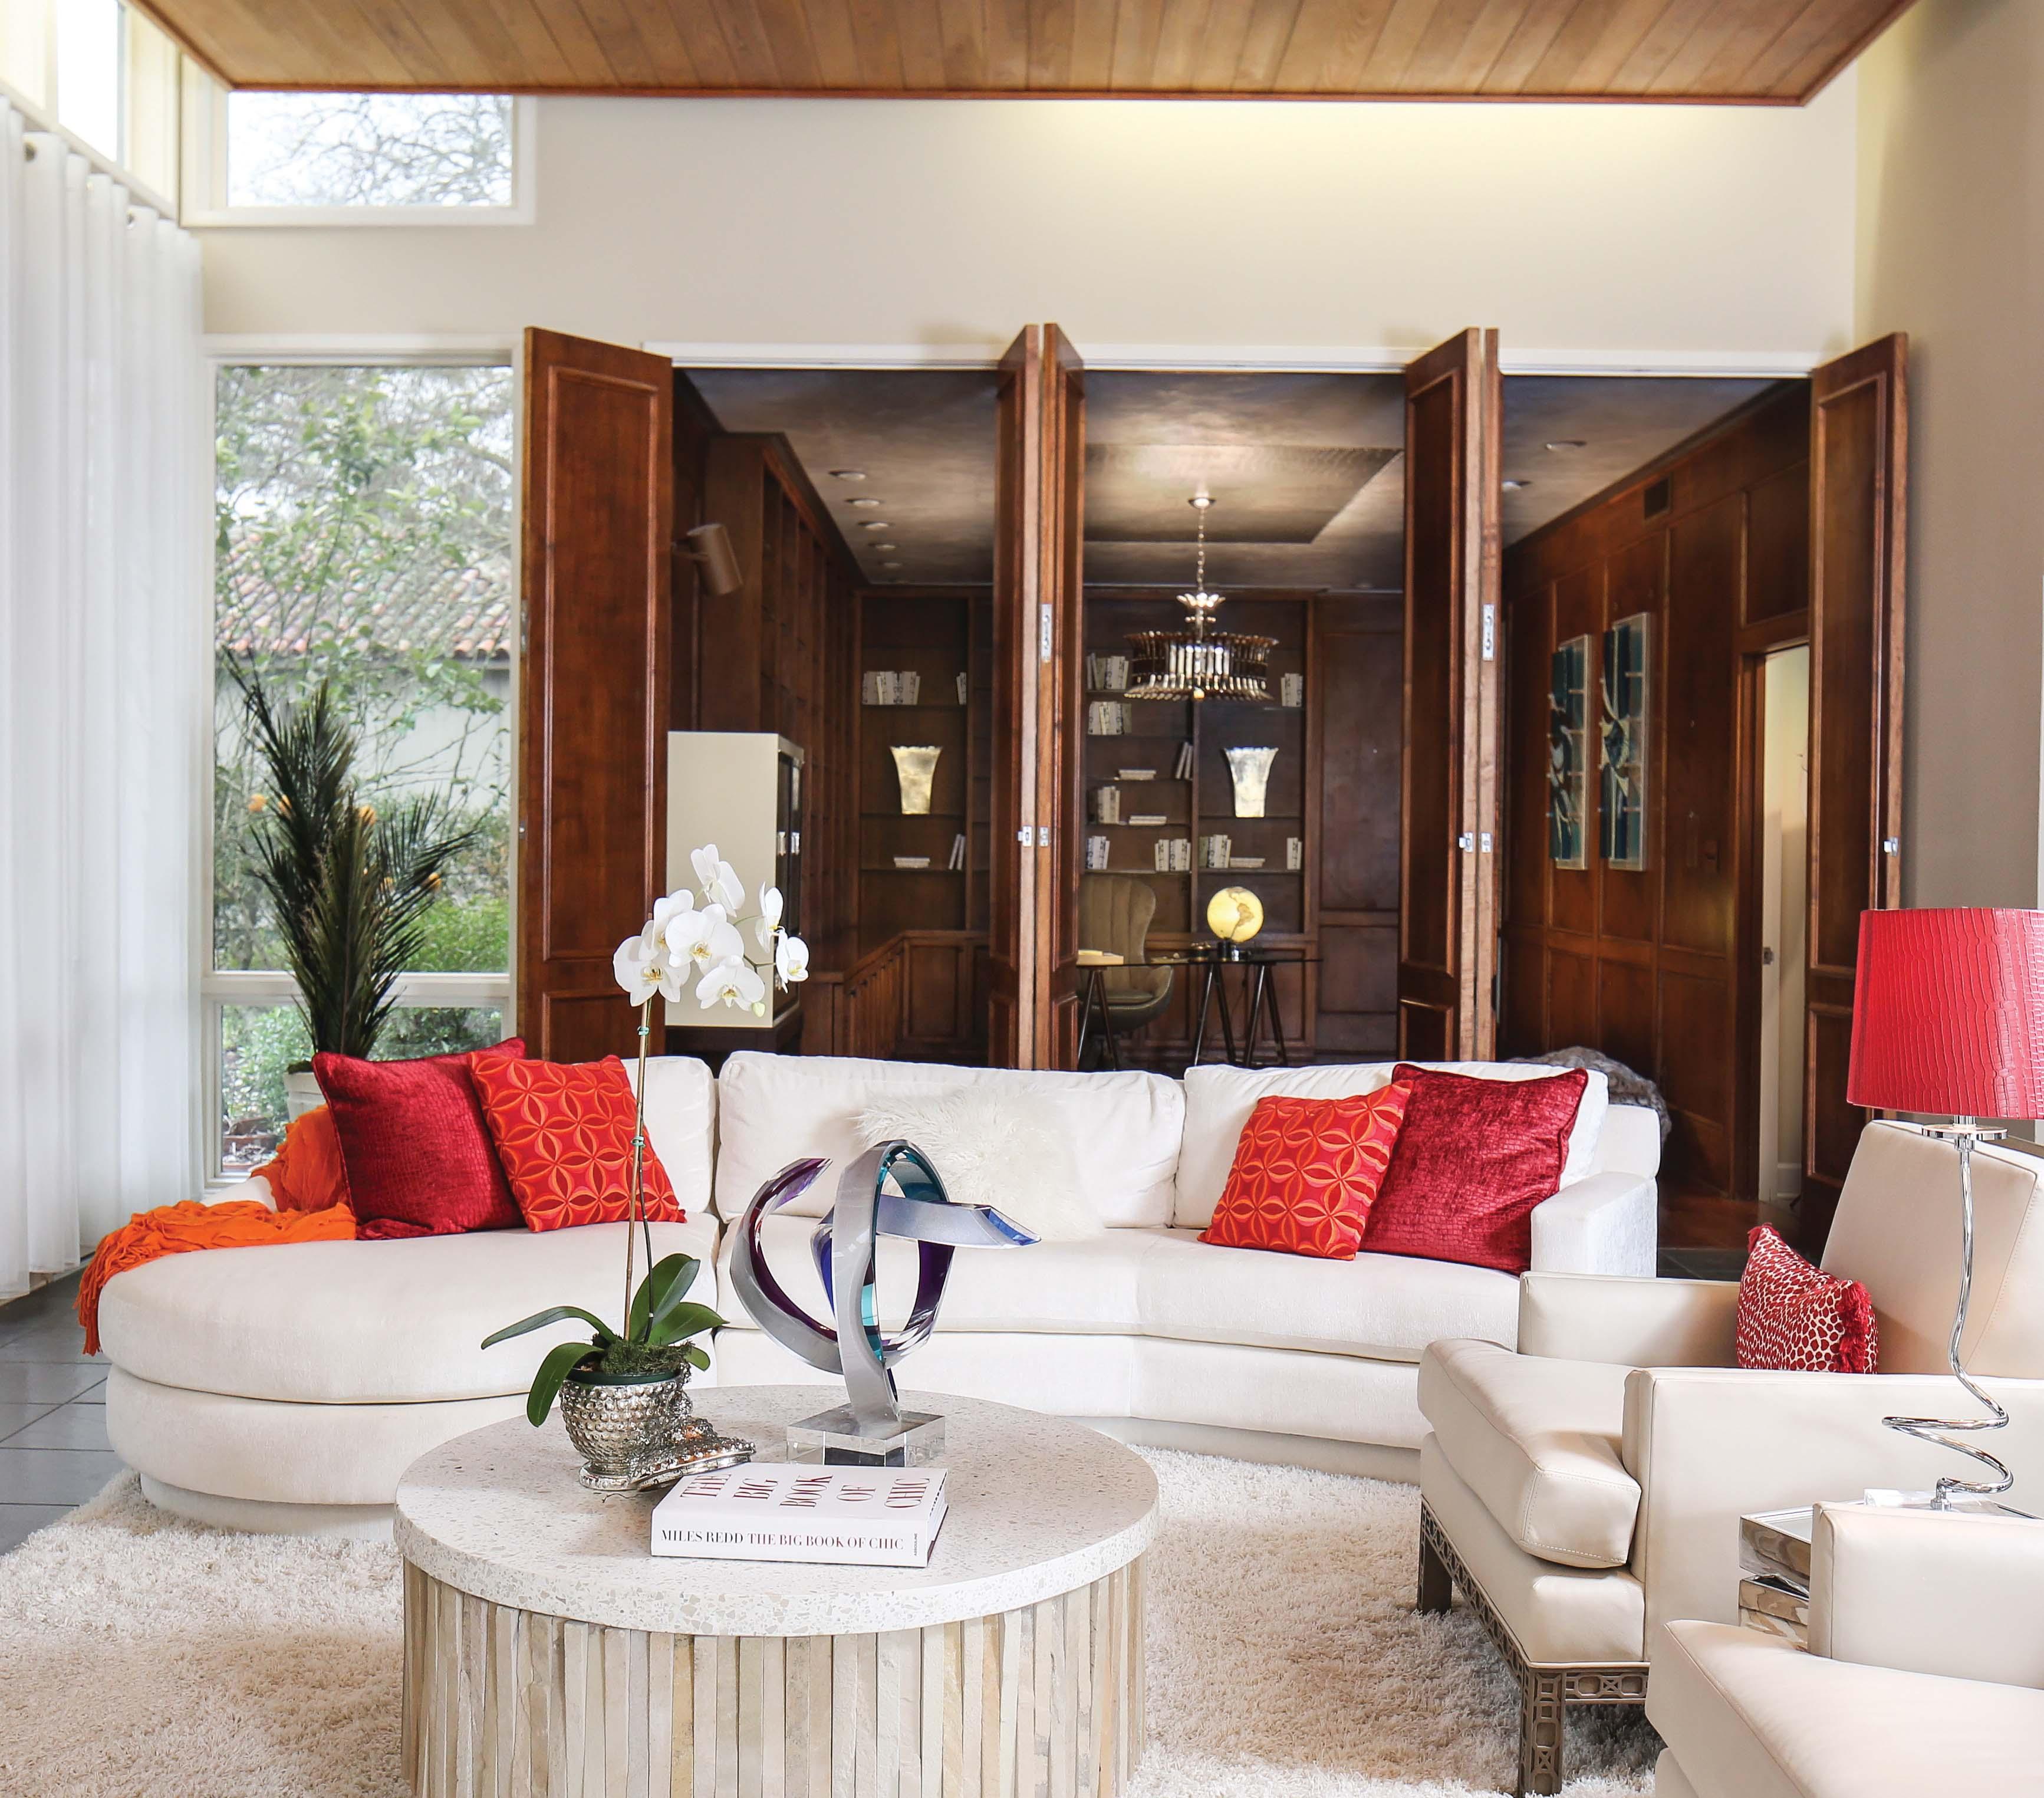 Interior design by swags studio lafayette 39 s design studio for Interior design lafayette la